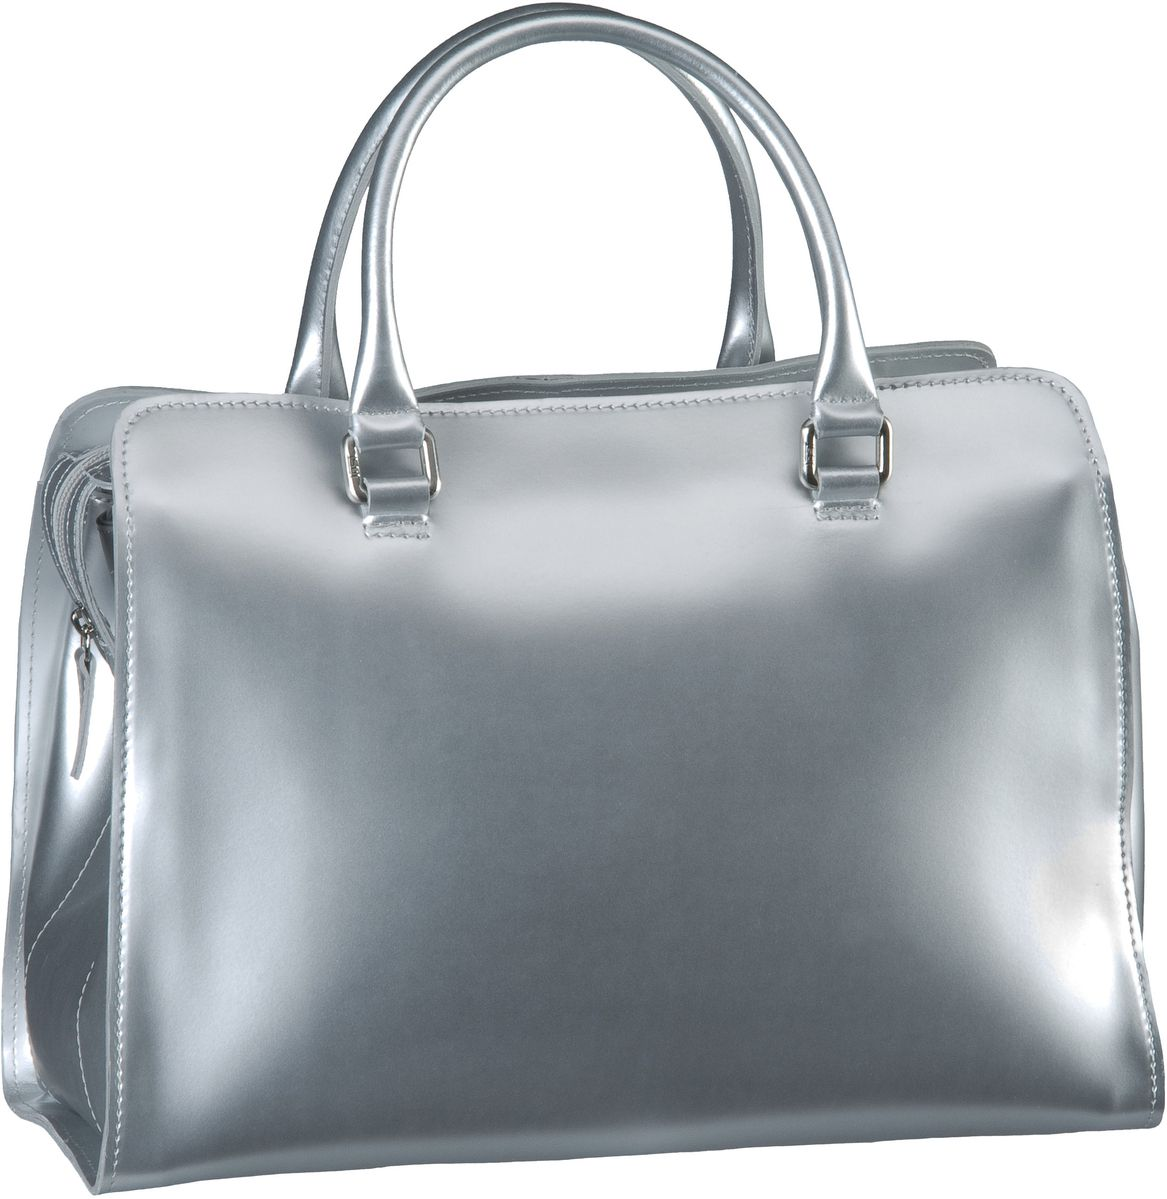 Jost Handtasche Sirius 1333 Bowling Bag Silver - Bowling Bag, Handtaschen